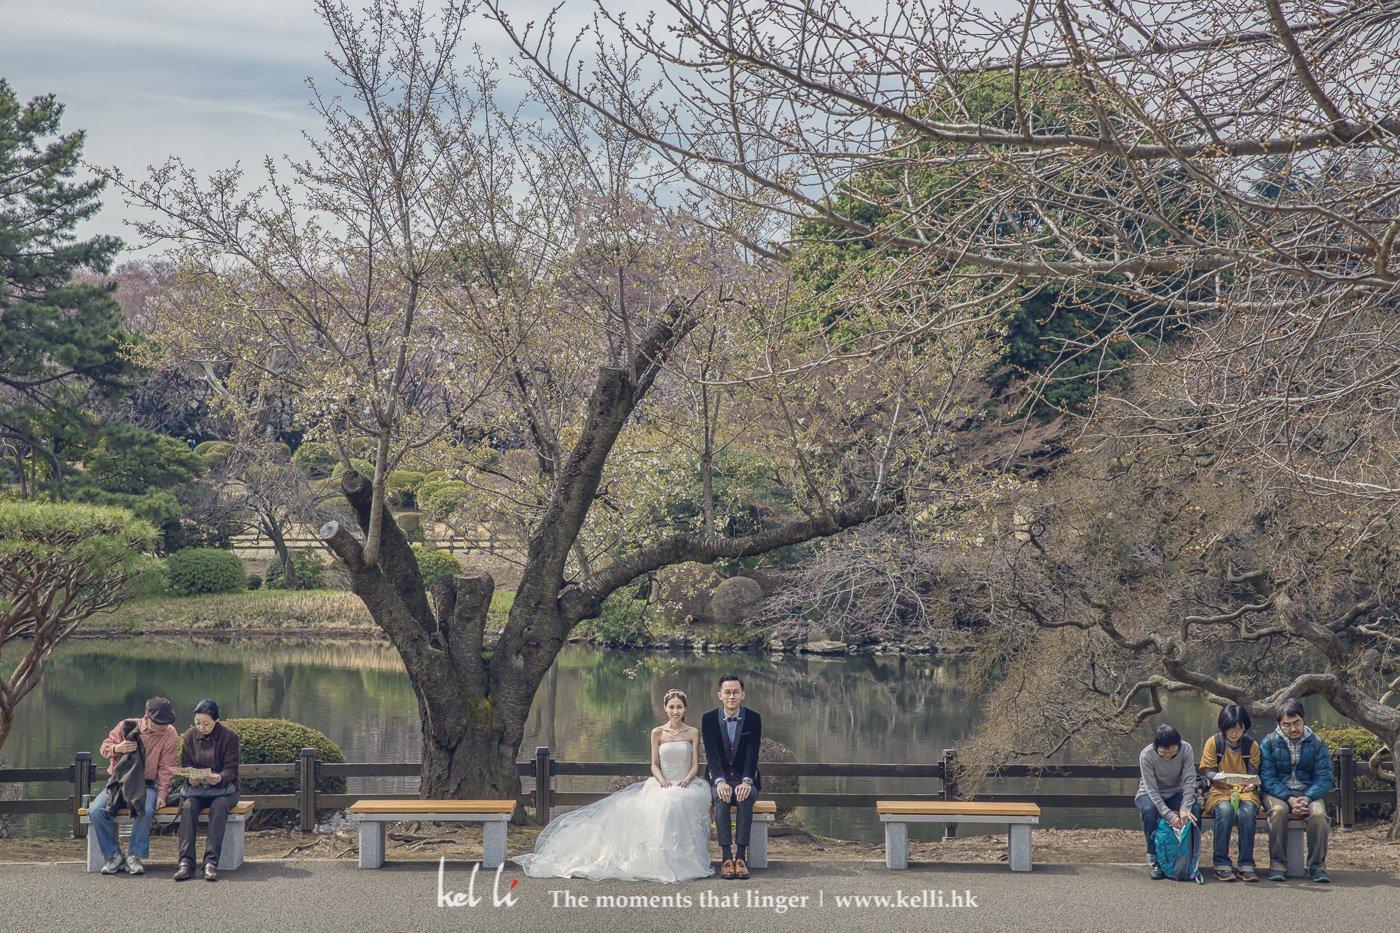 這是我們海外婚紗拍攝時偶爾會用到的拍攝手法,就是用現在人仕去視托新人,在這張相裡,新人坐在東京的公園裡,左右倆邊都是遊人,更突顯中間的新人